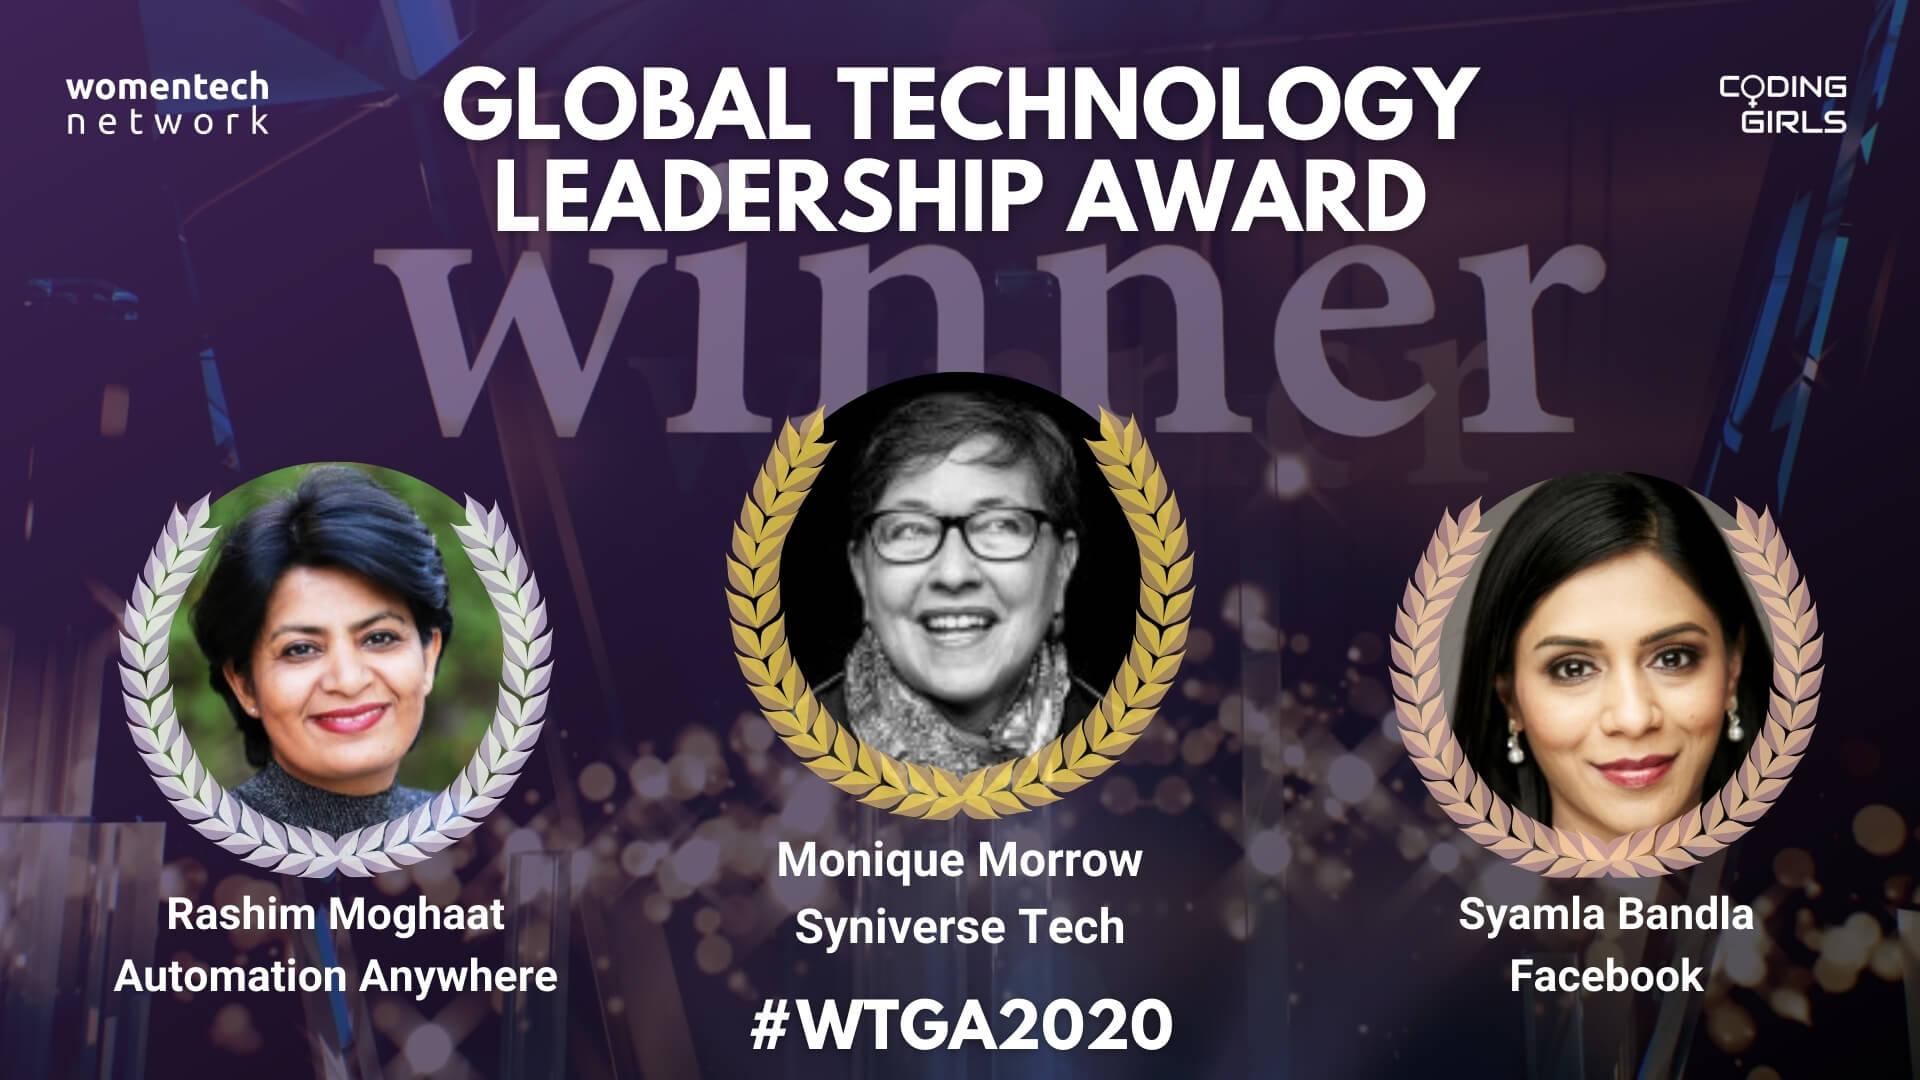 women in tech global technology leadership award